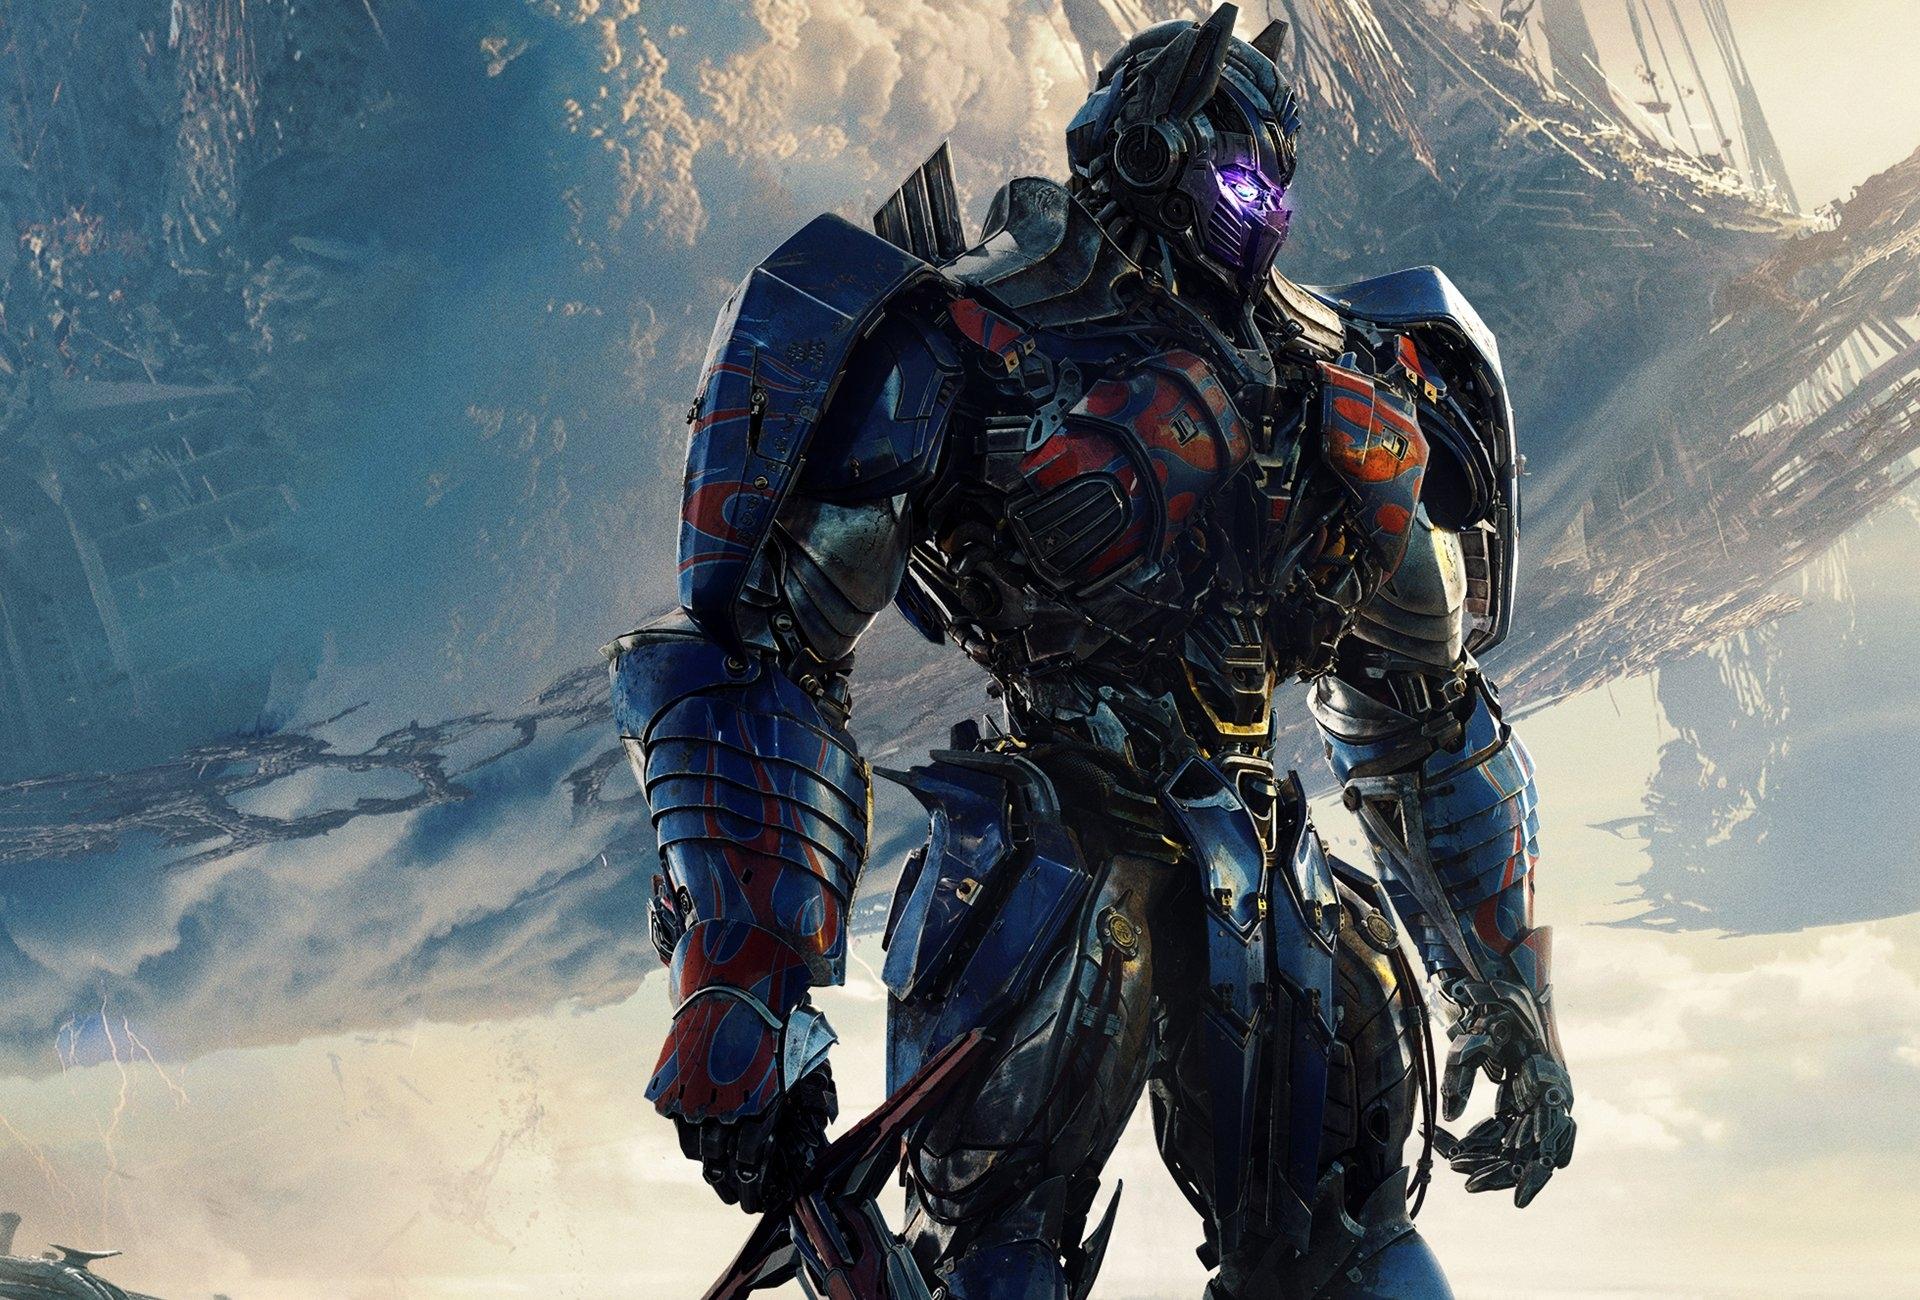 70 optimus prime fonds d'écran hd | arrière-plans - wallpaper abyss